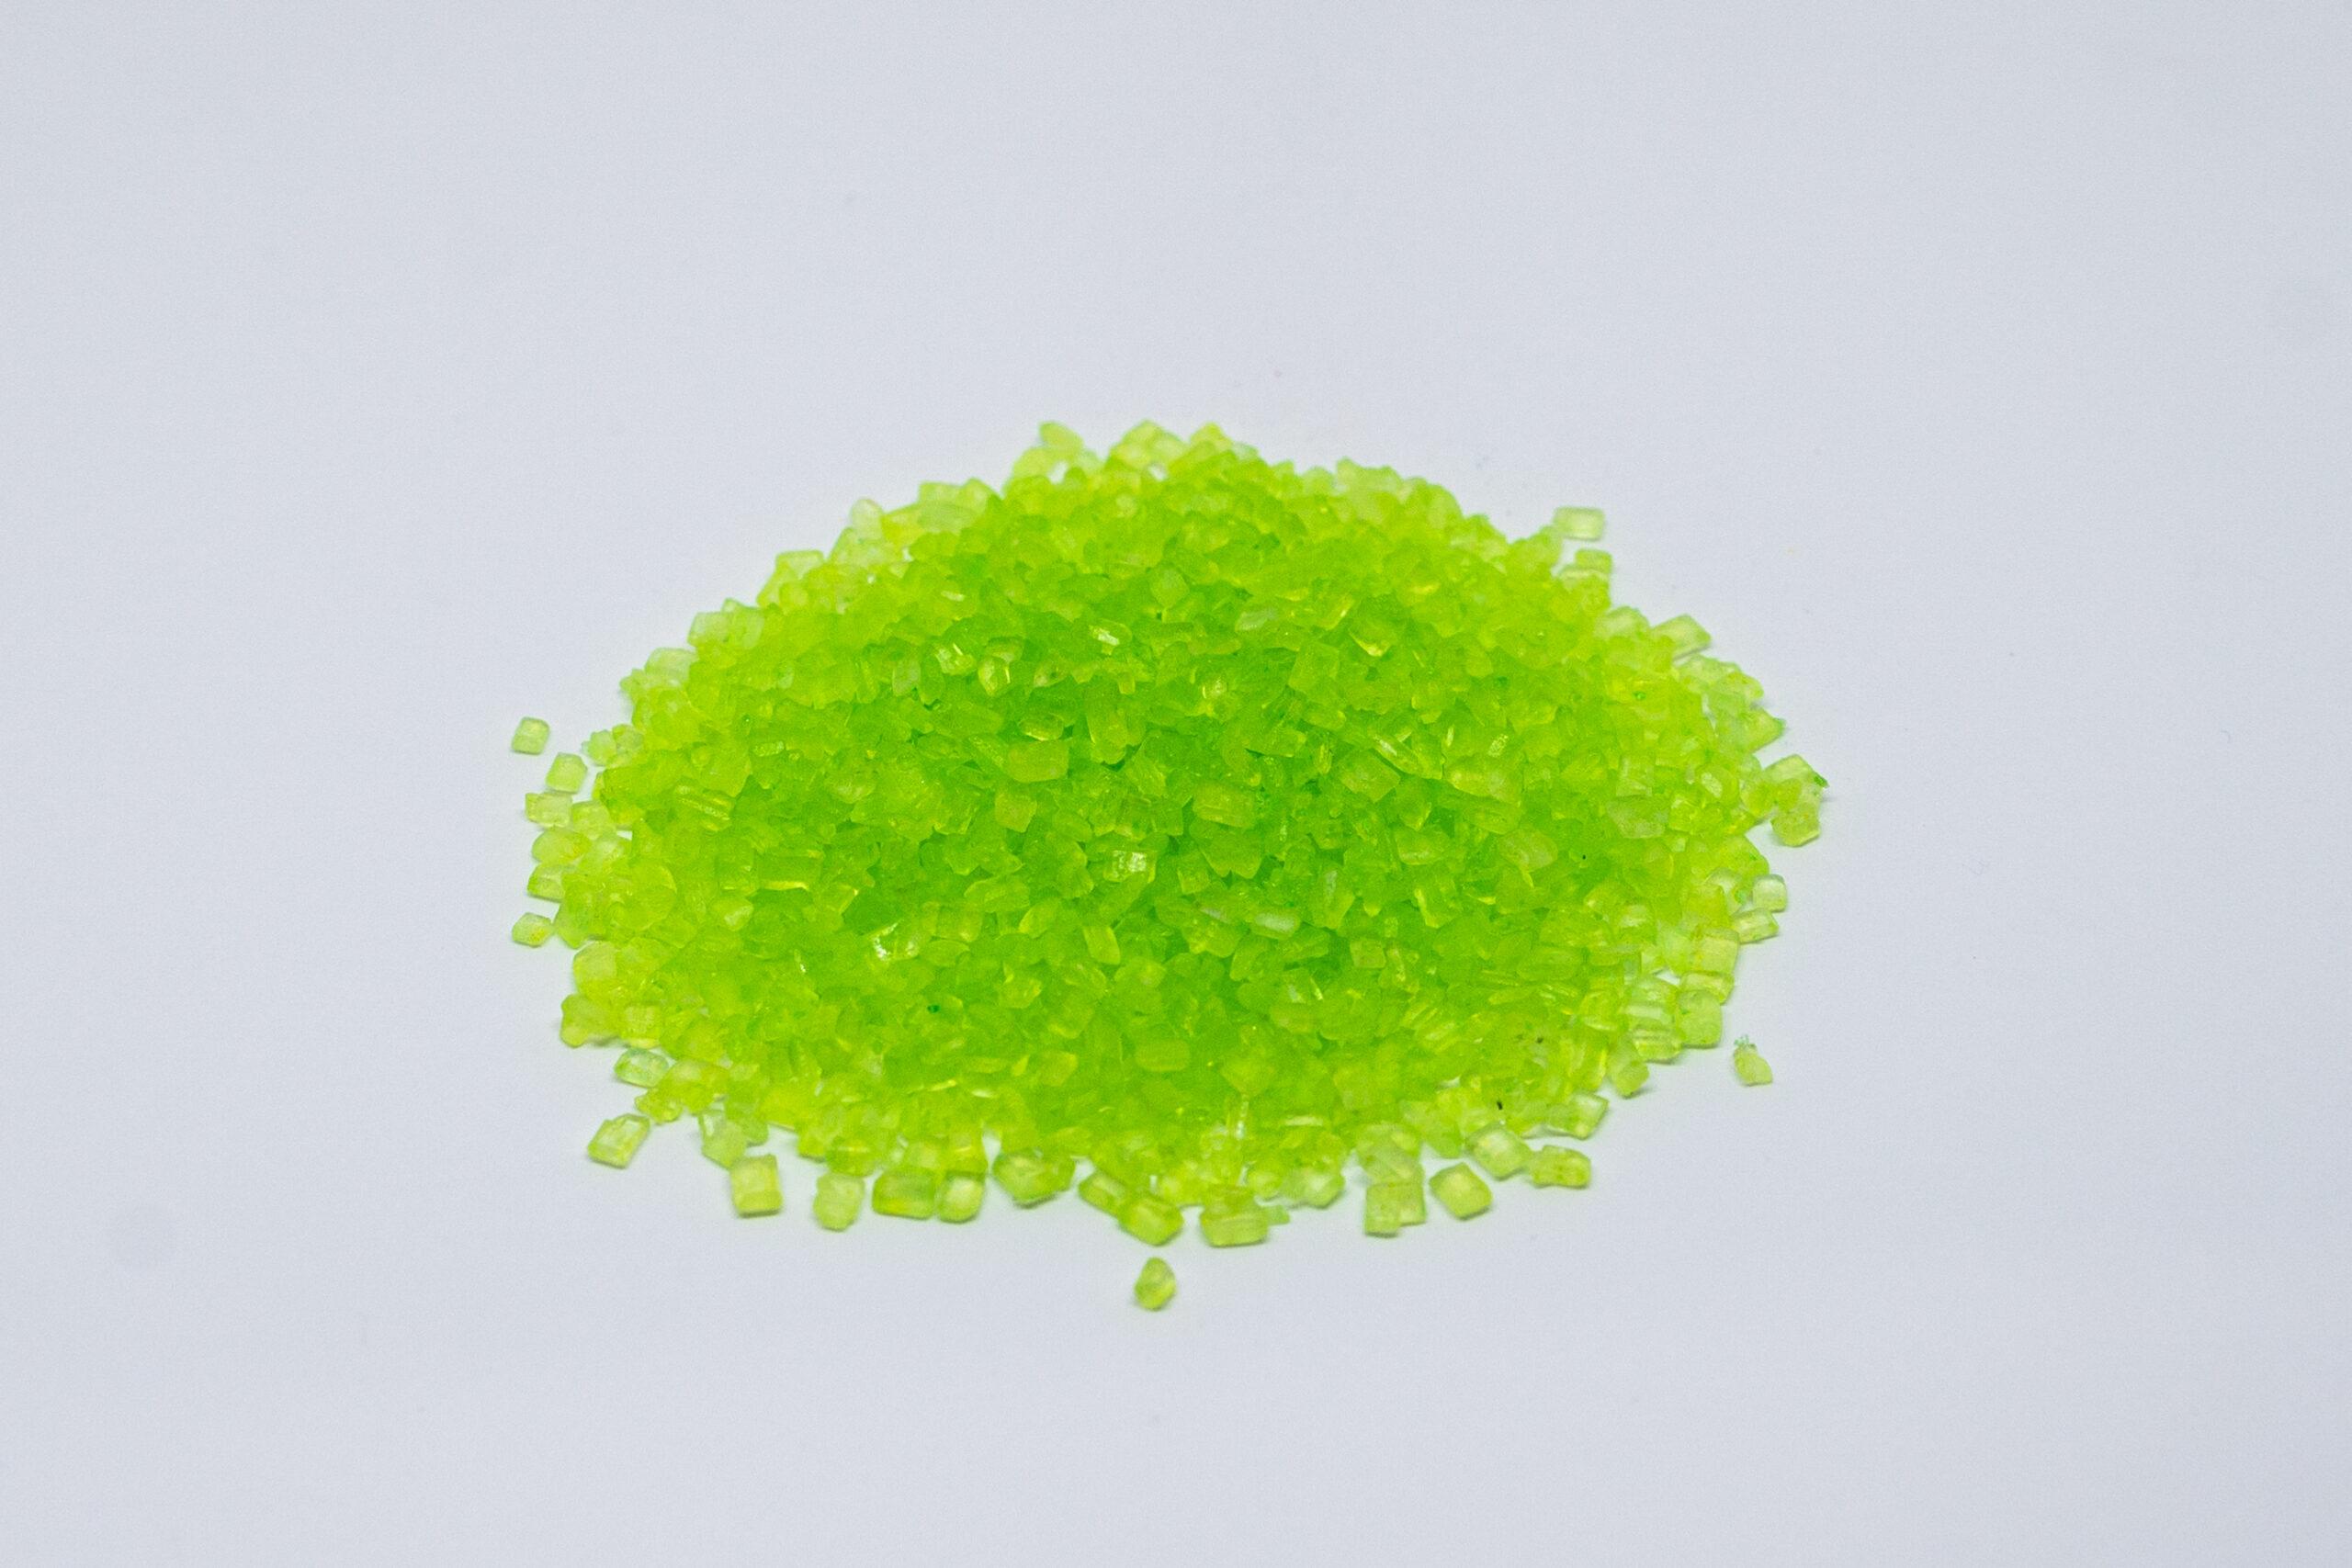 Light Green sugar